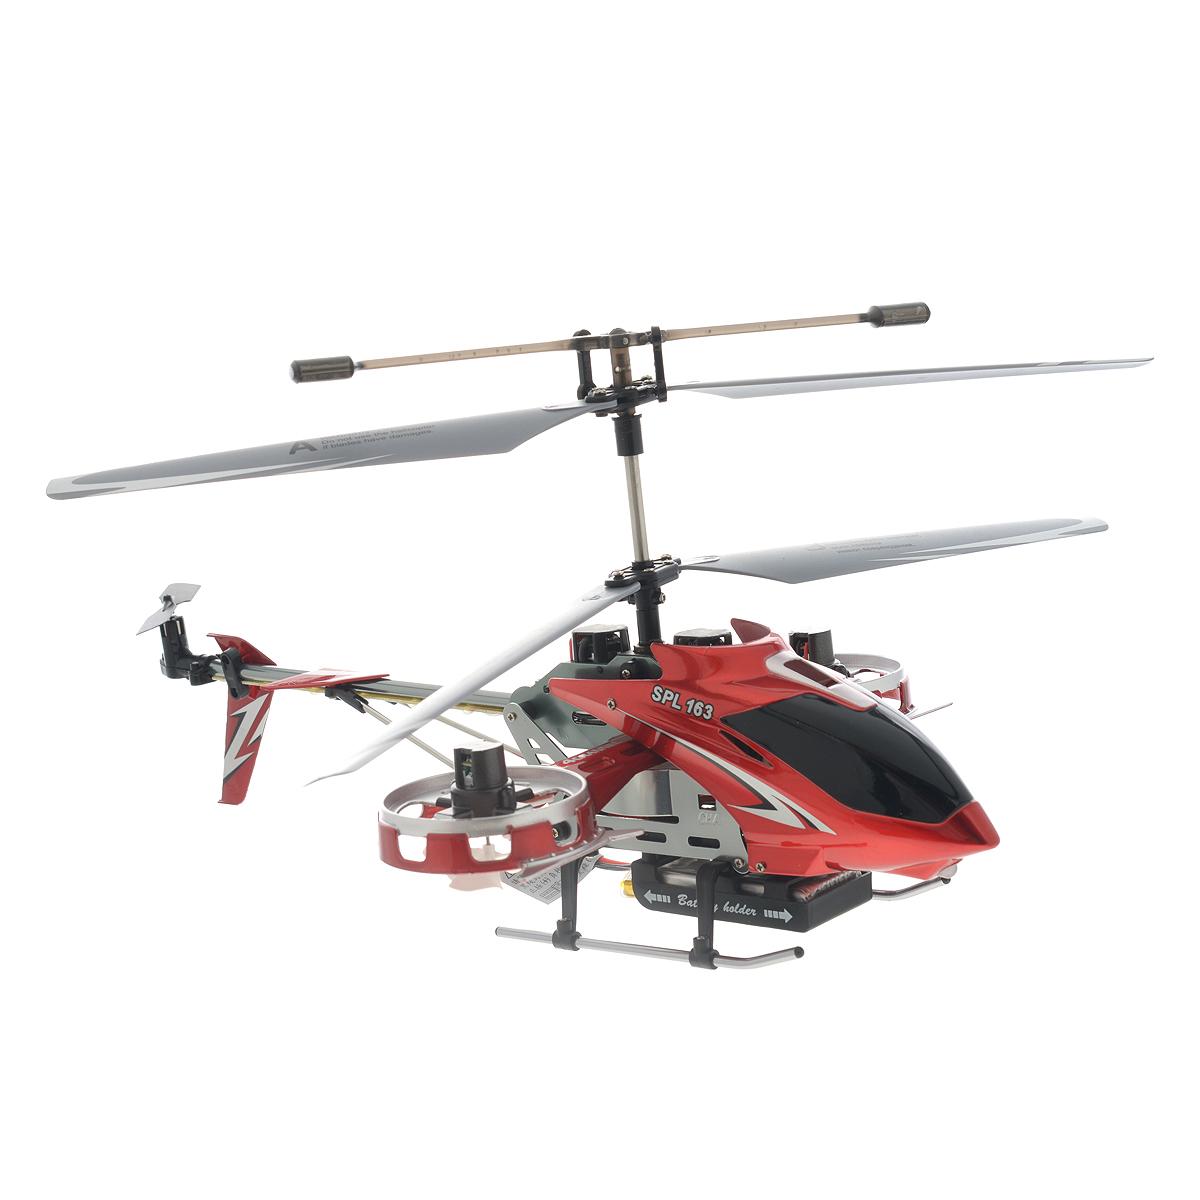 SPL-Technik Вертолет на радиоуправлении SPL 163IG139Радиоуправляемая модель Вертолет SPL 103 - отличный подарок для вашего ребенка. Самый крупный вертолет в линейке SPL. Изюминка модели - в ее оригинальной конструкции: две боковых моторных гондолы добавляют заложенному в основу трехканальному прототипу возможность управления креном, то есть движением боком влево или вправо. Вы даже можете попробовать на нем простые фигуры высшего пилотажа. Благодаря наличию встроенного гироскопа, вертолетом очень легко и просто управлять. При наличии желания и терпения любой новичок сможет поднять вертолет в воздух и насладиться полетом. Вертолет работает от встроенного литий-полимерного аккумулятора c напряжением 3,7V 800 mAh (входит в комплект). Пульт управления работает от 4 батареек типа АА (не входят в комплект). Время нахождения в полете: 6-8 минут.